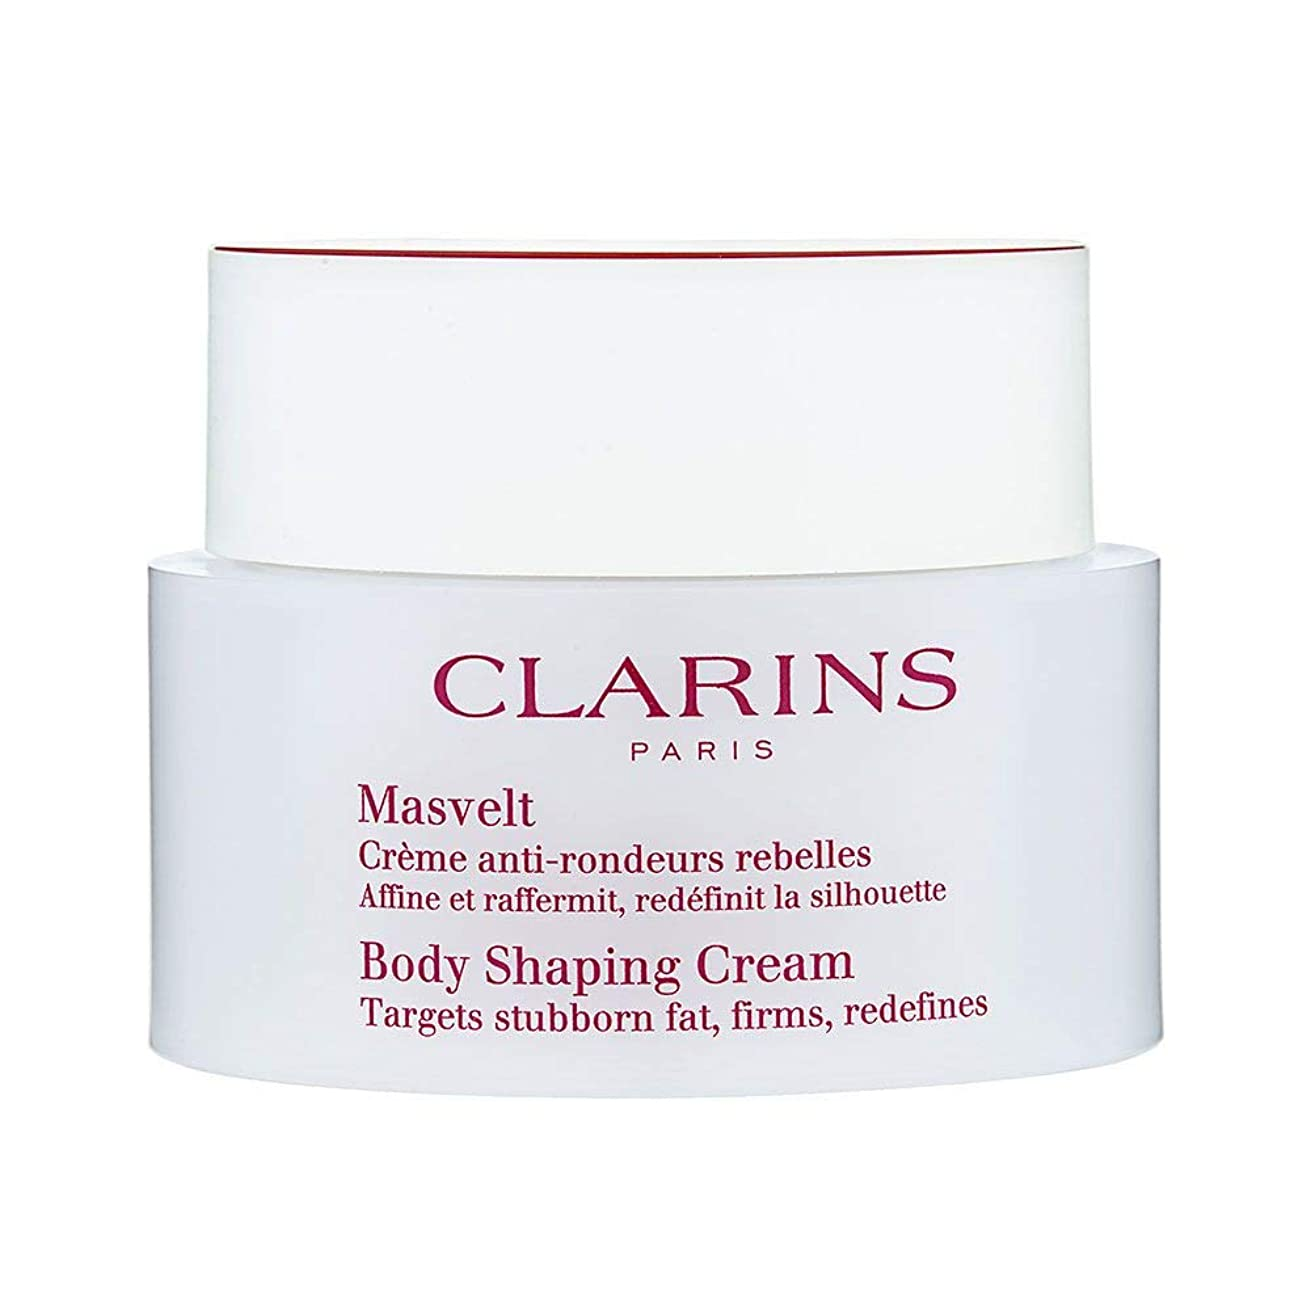 クラランス (CLARINS) クレーム マスヴェルト 200ml [並行輸入品]